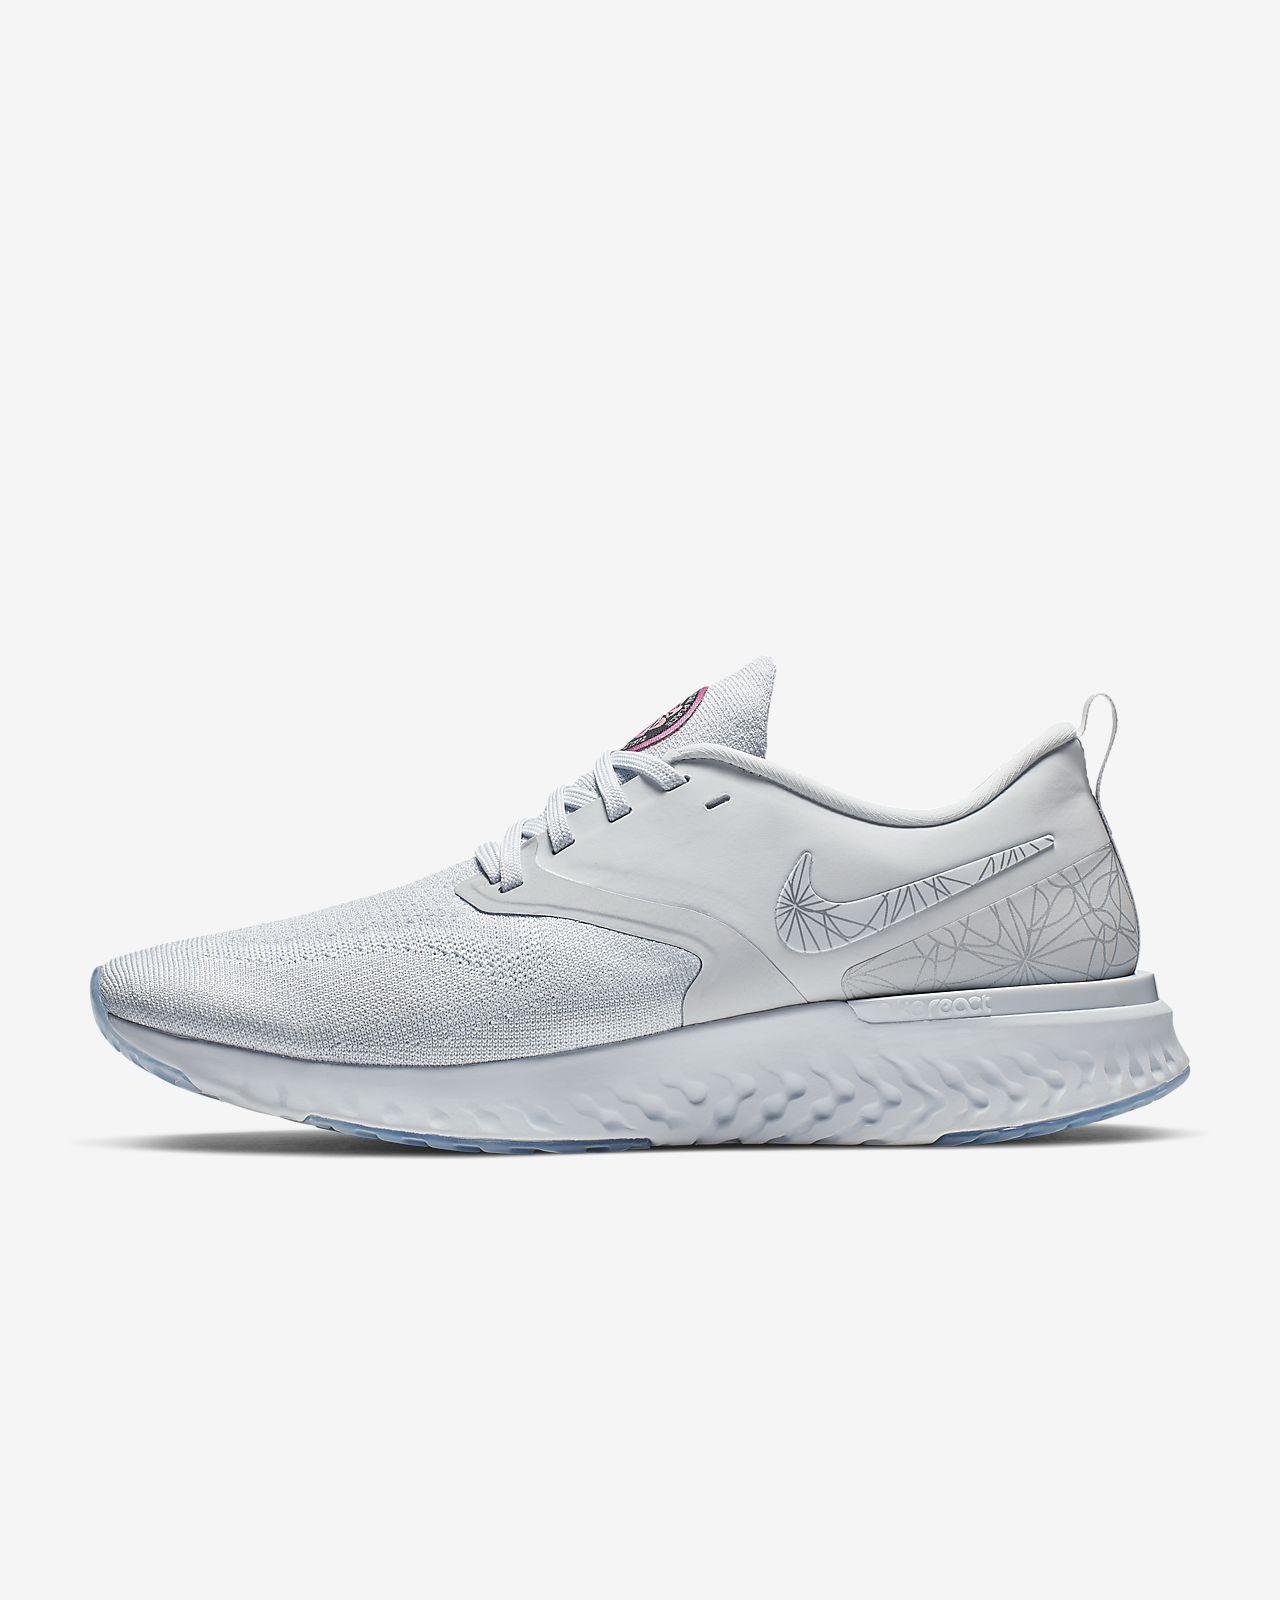 Calzado de running con estampado para hombre Nike Odyssey React Flyknit 2